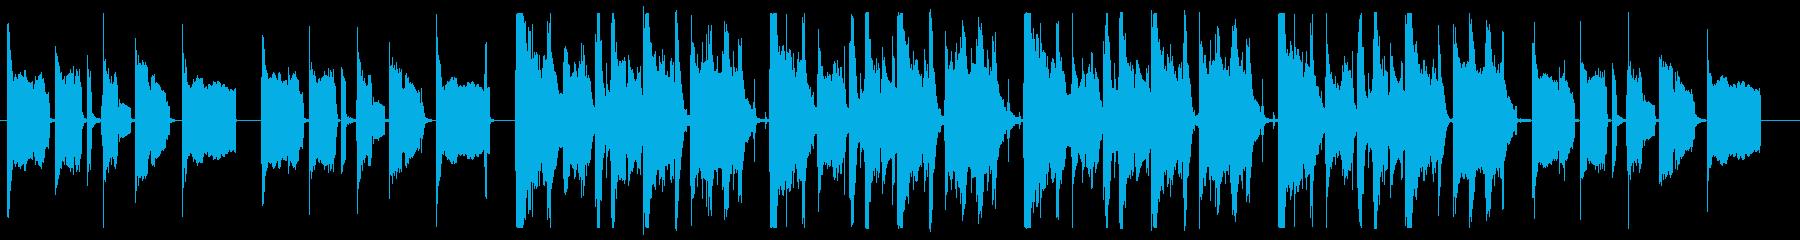 【ショート版】企業VP・CM エレピ…の再生済みの波形